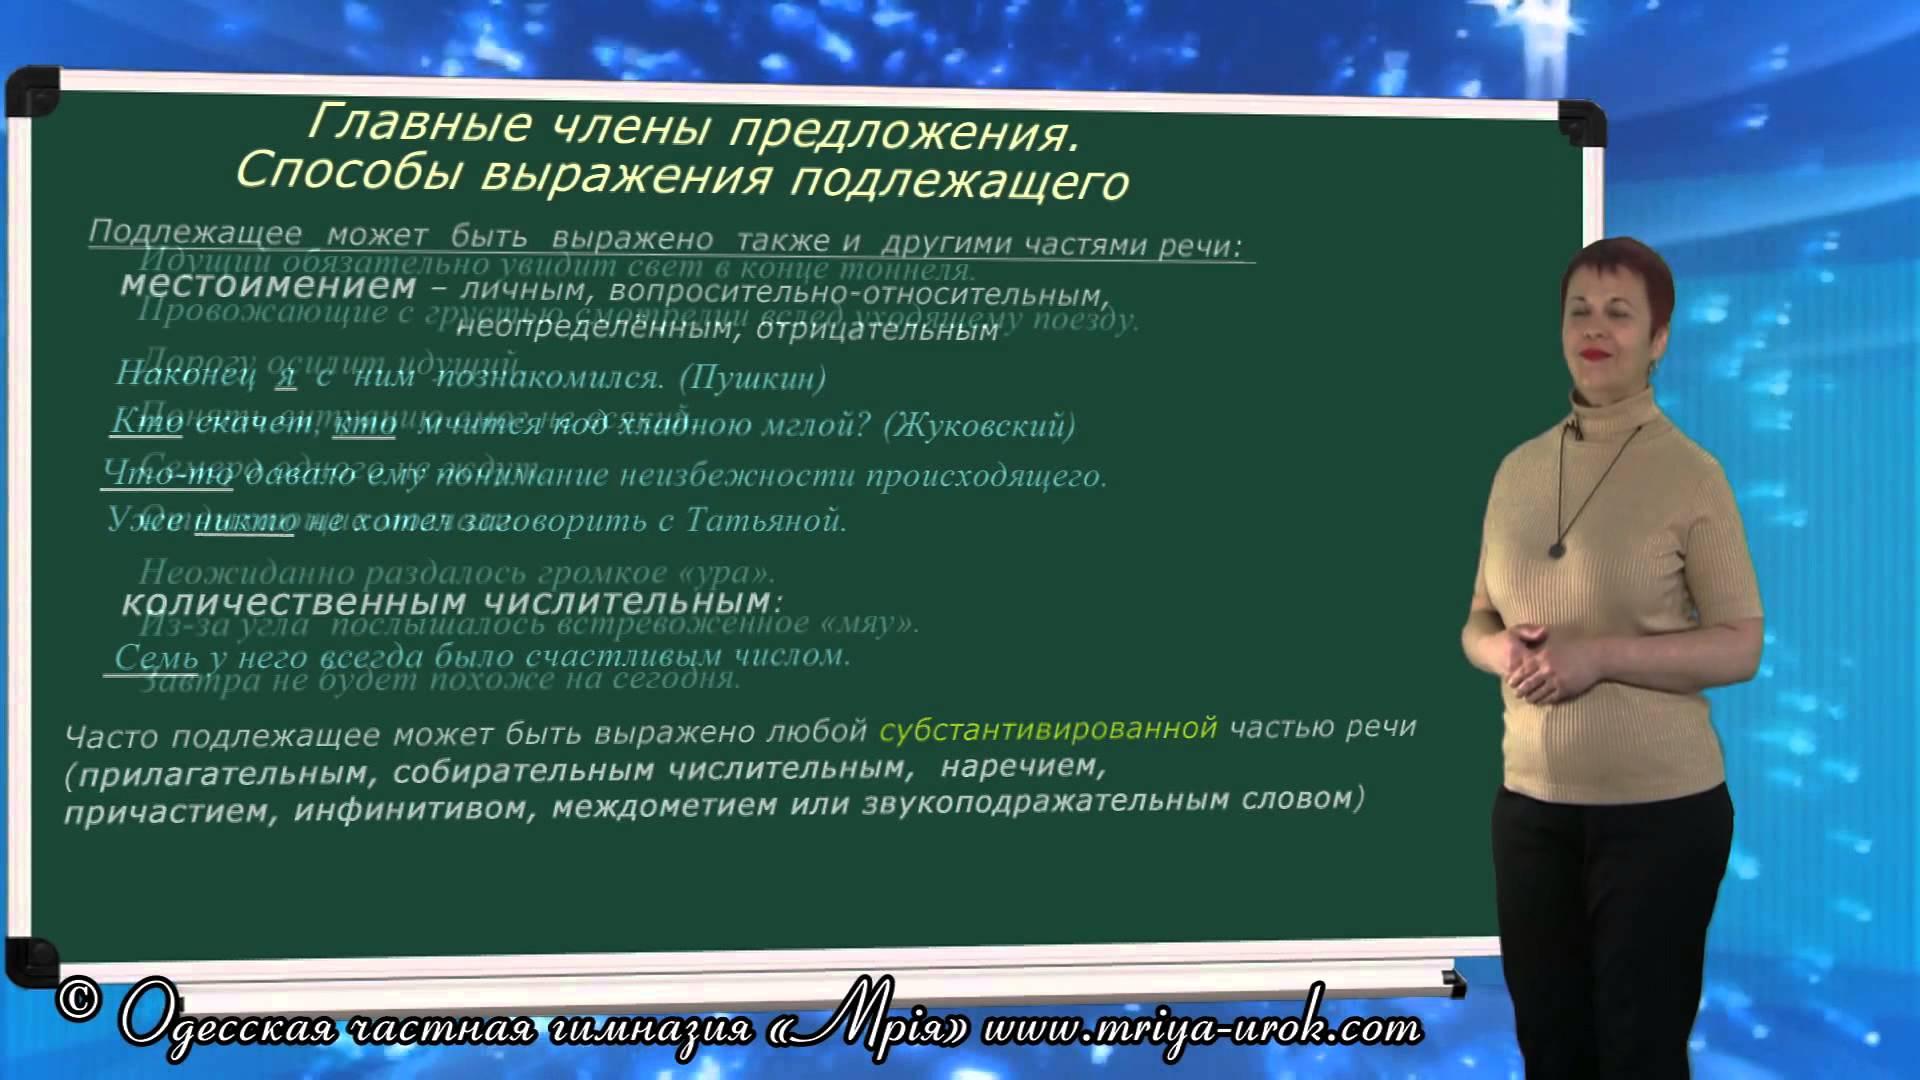 Член предложения русский язык 16 фотография